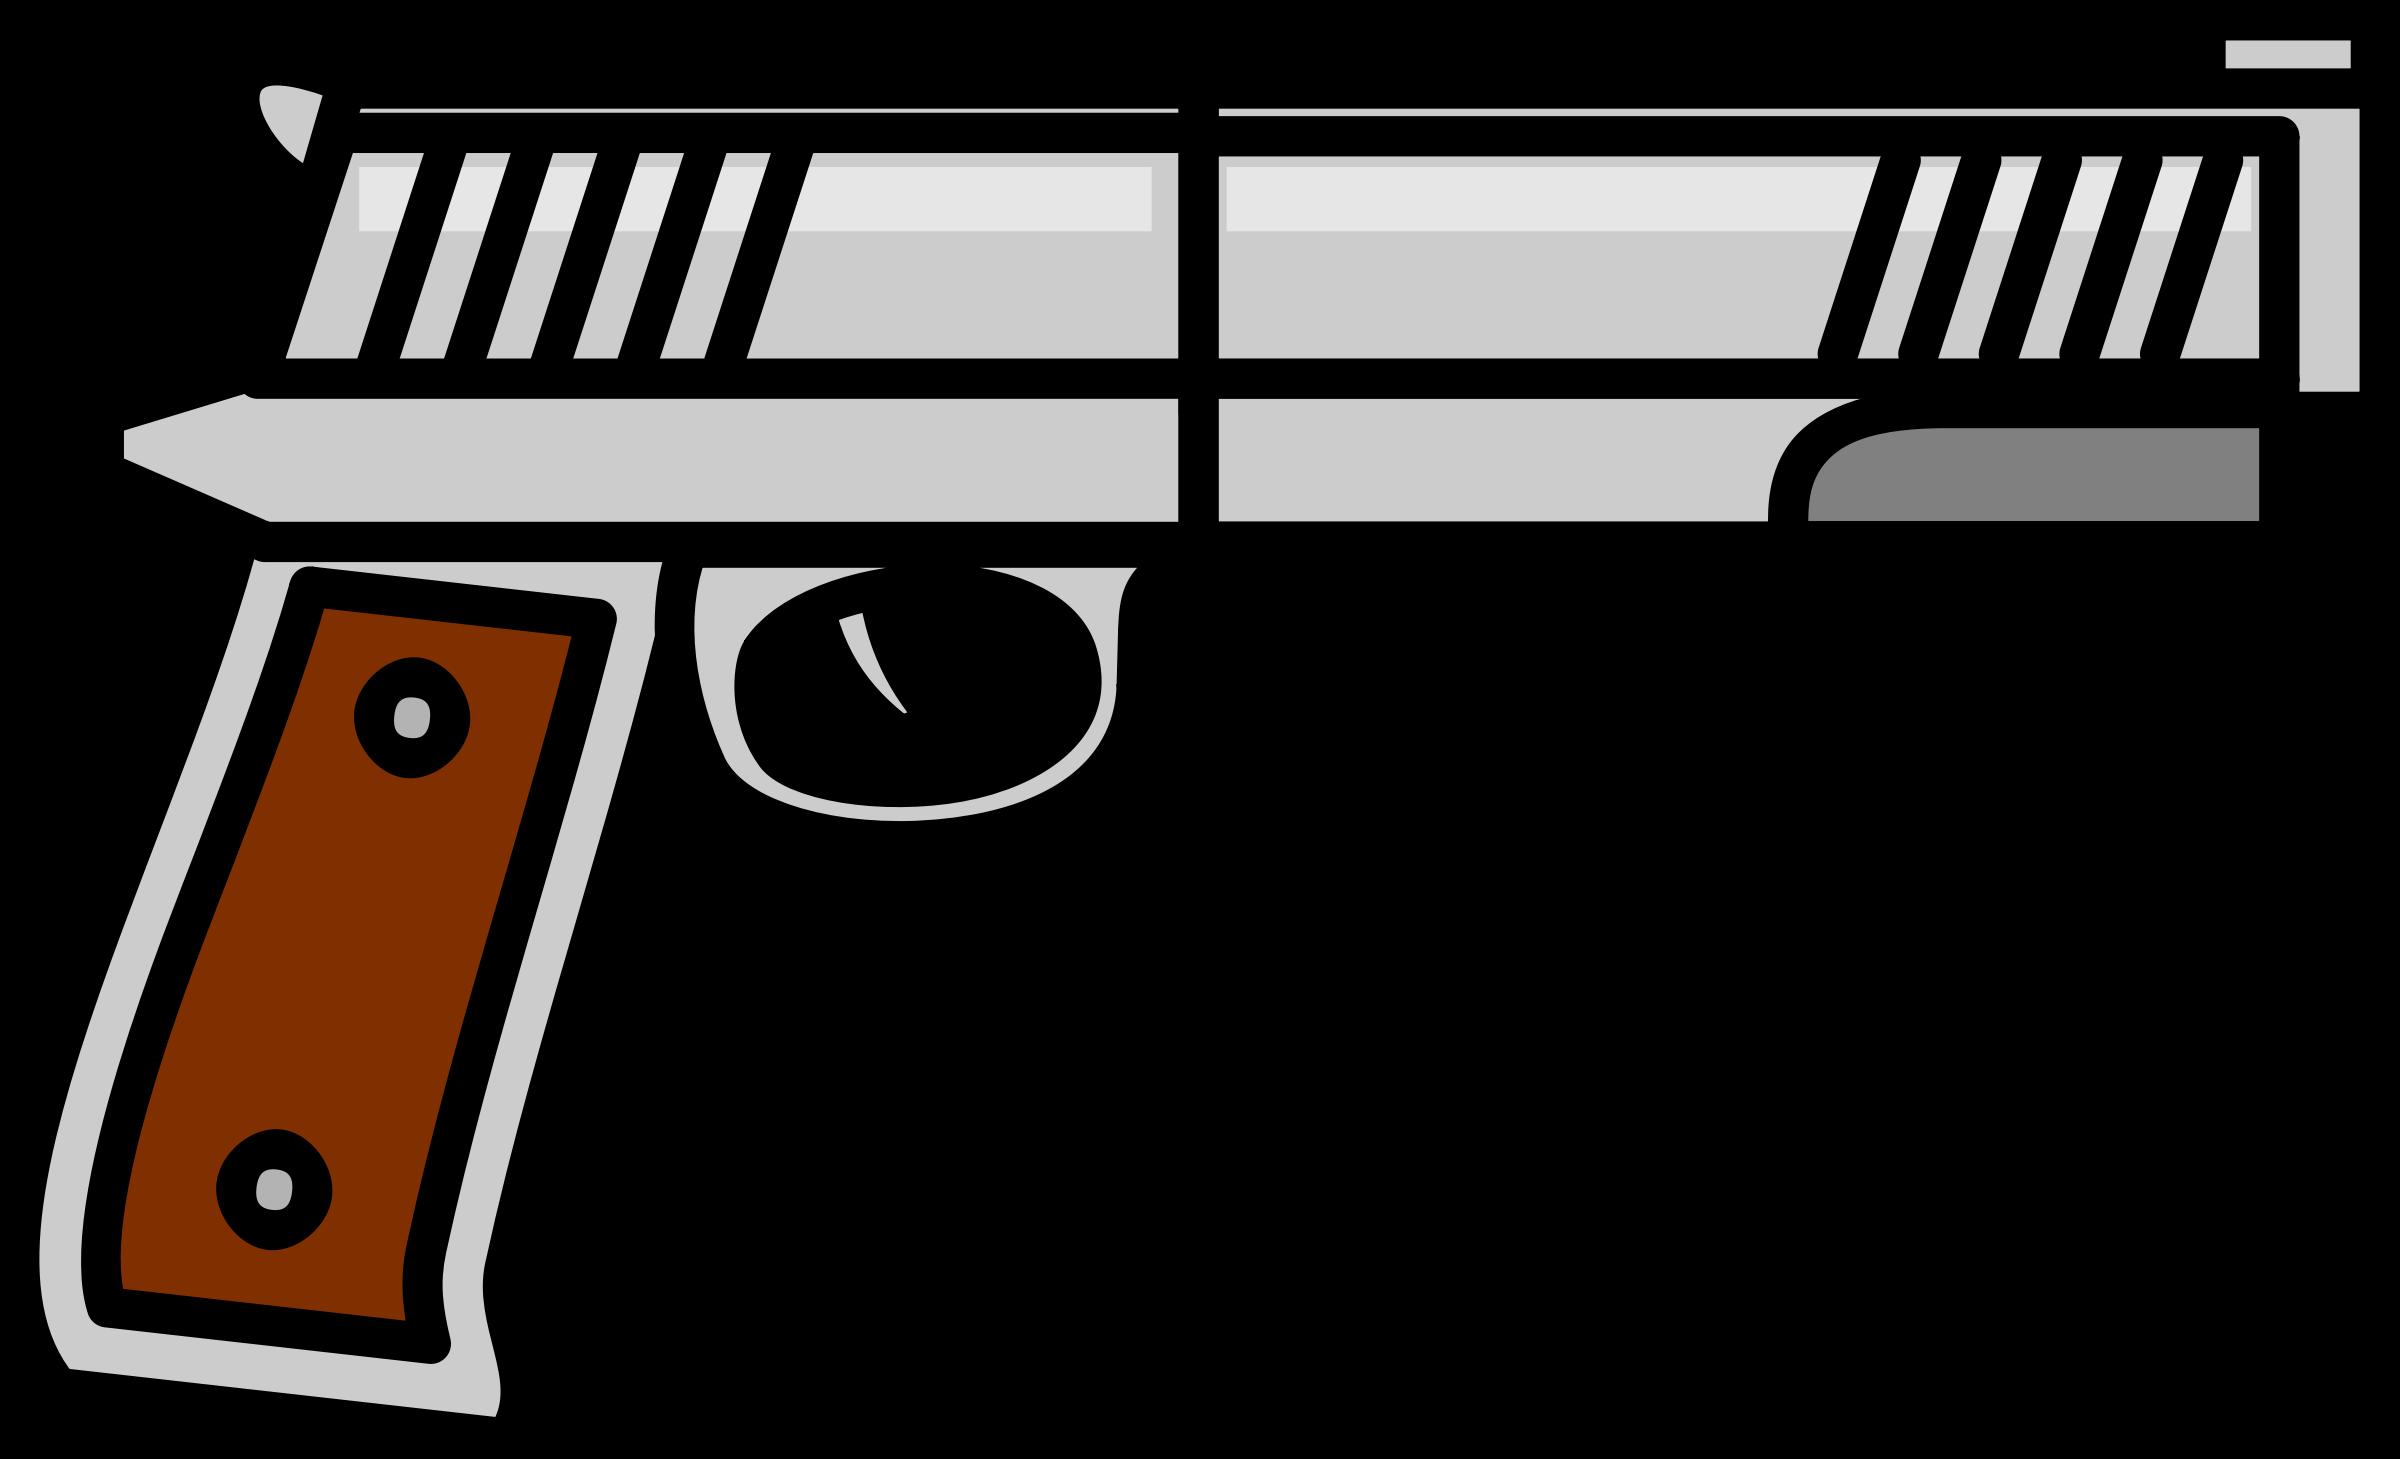 jpg download Big image png. Gun clipart